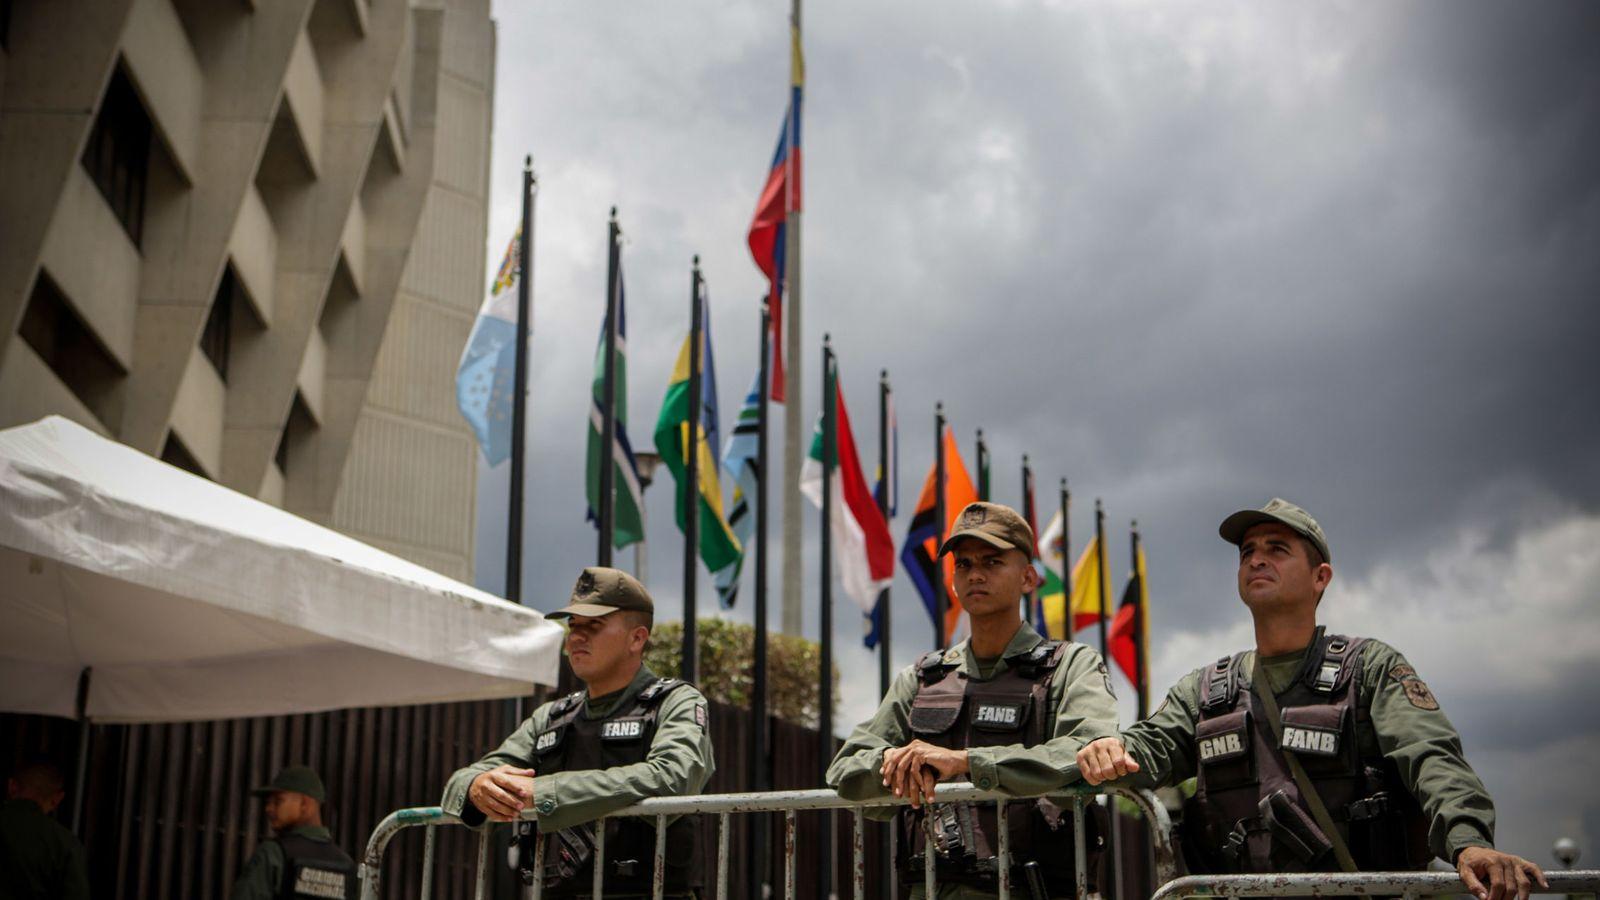 Foto: Efectivos de la Guardia Nacional Bolivariana custodian la sede del Tribunal Supremo de Justicia en Caracas, el 1 de agosto de 2017. (Reuters)